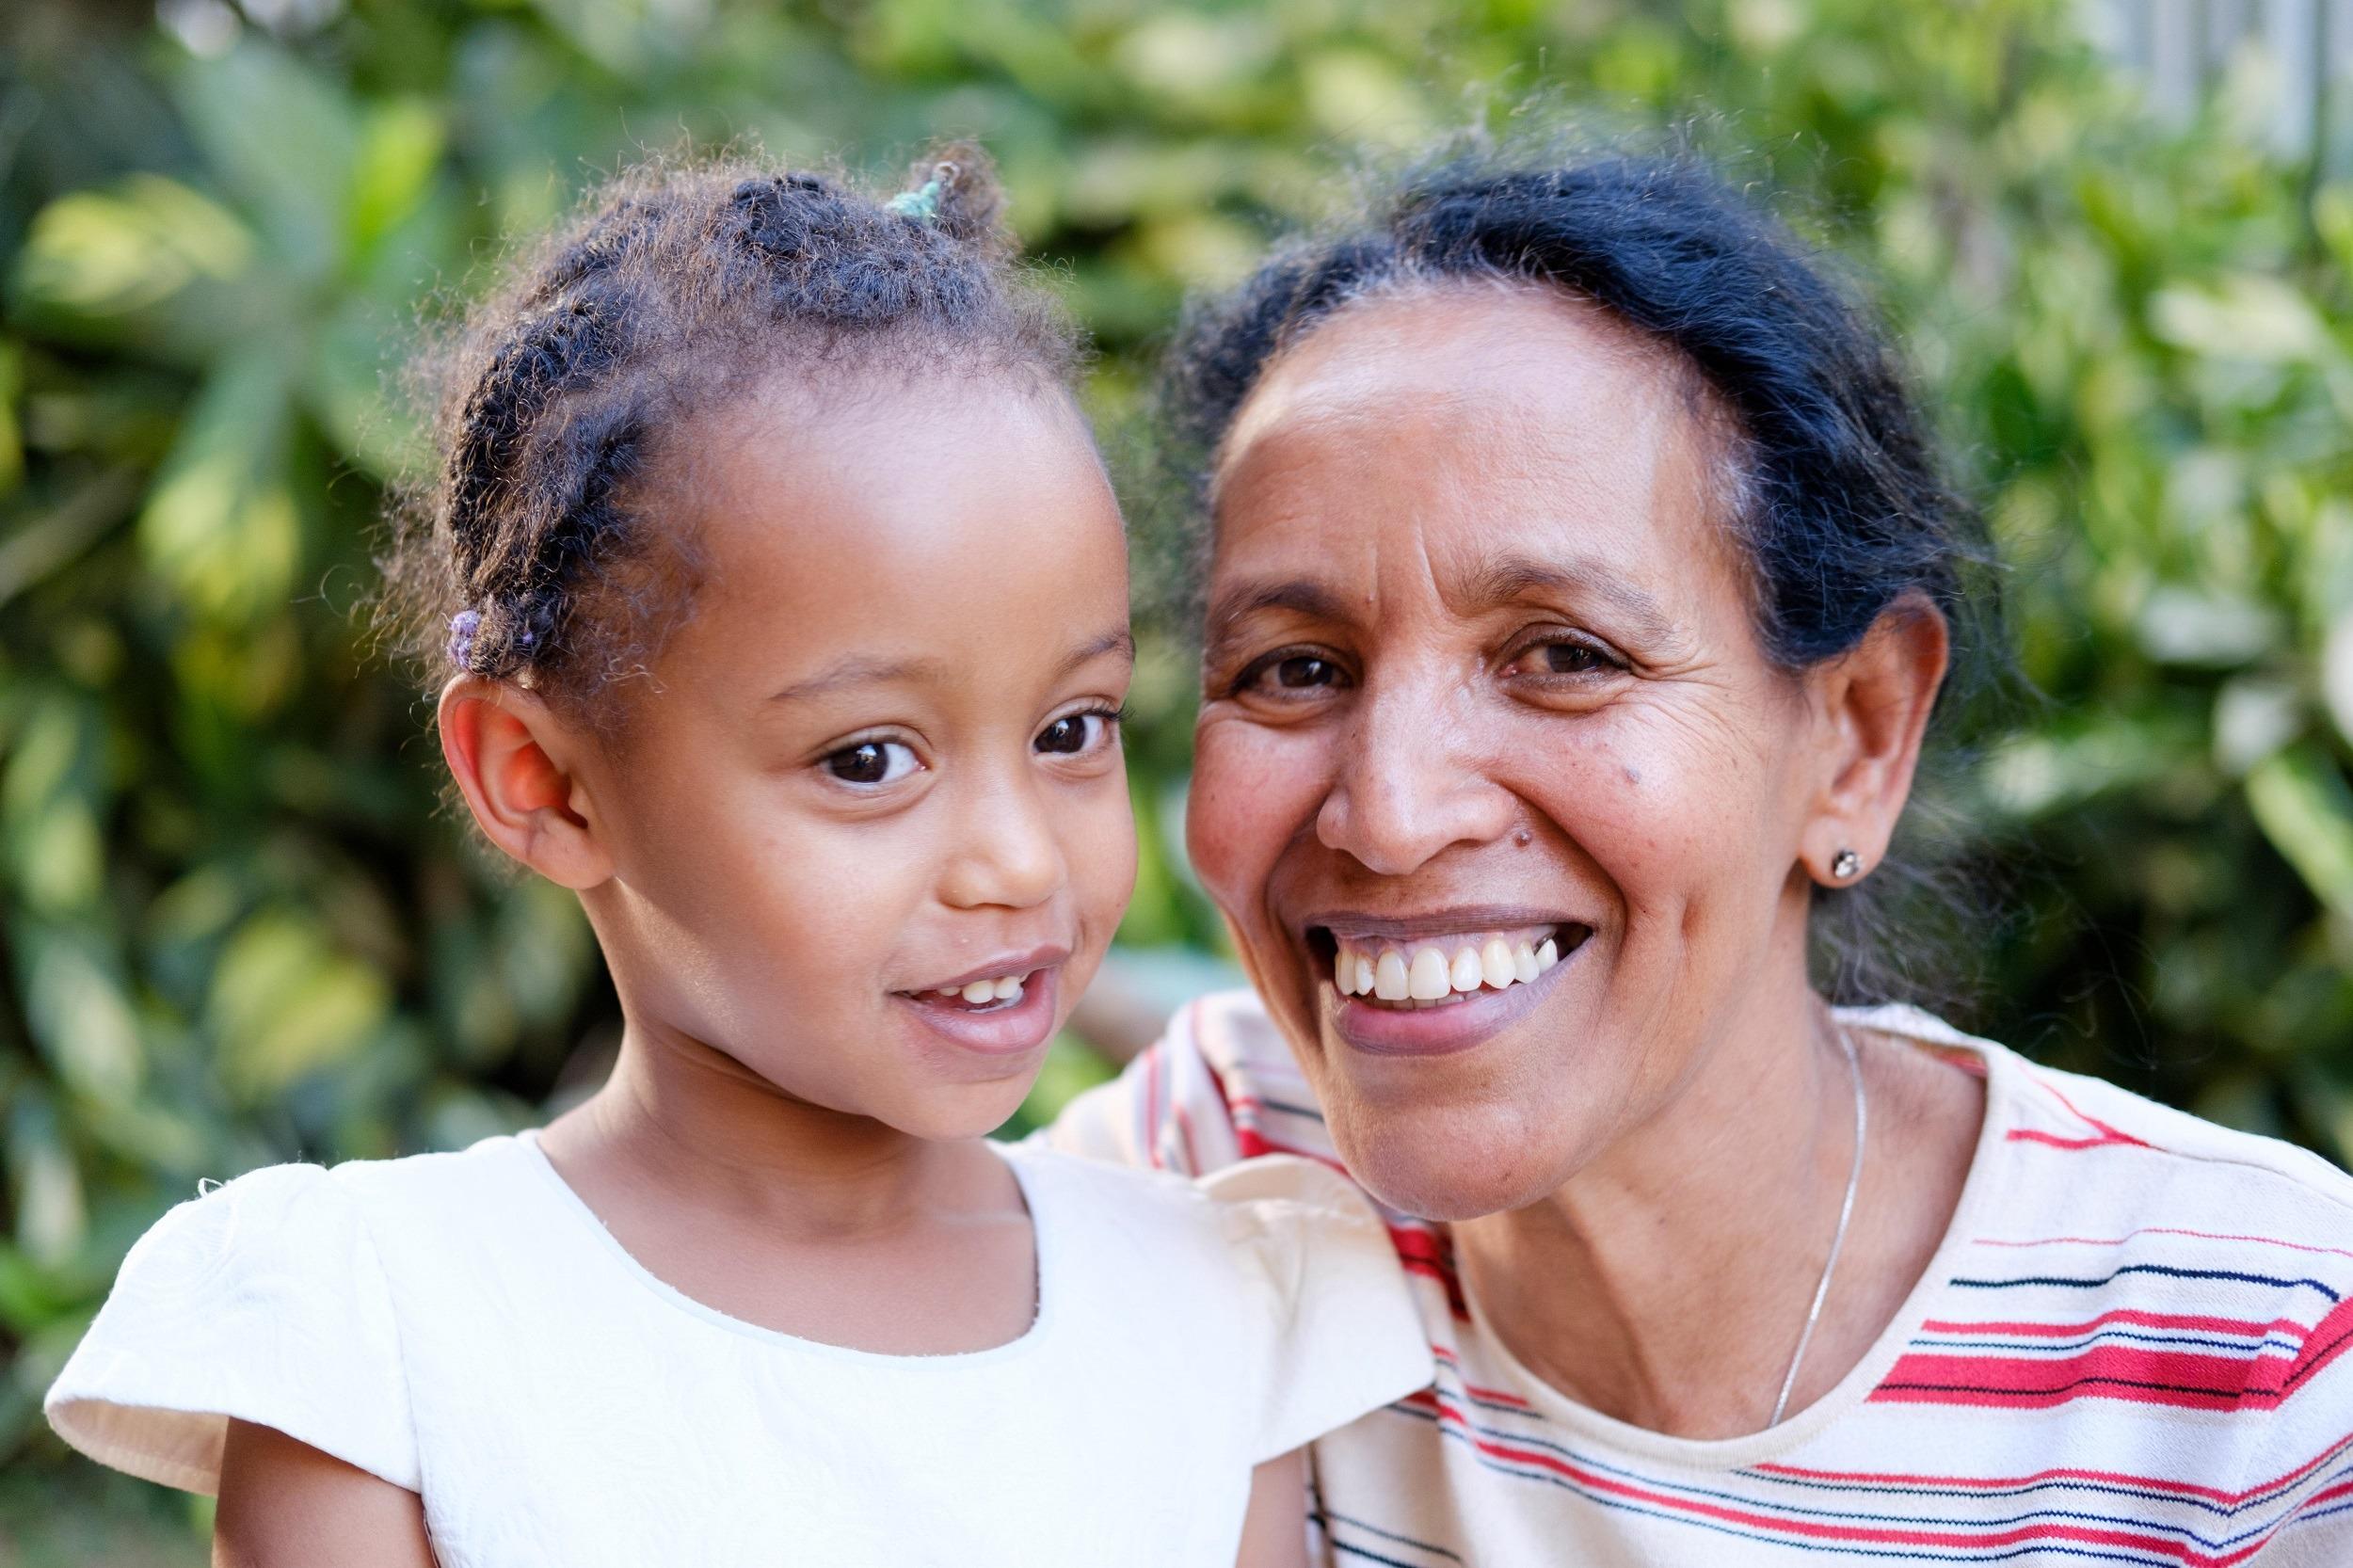 Votre don de superpoints soutient les projets de SOS Villages d'Enfants dans le monde entier.